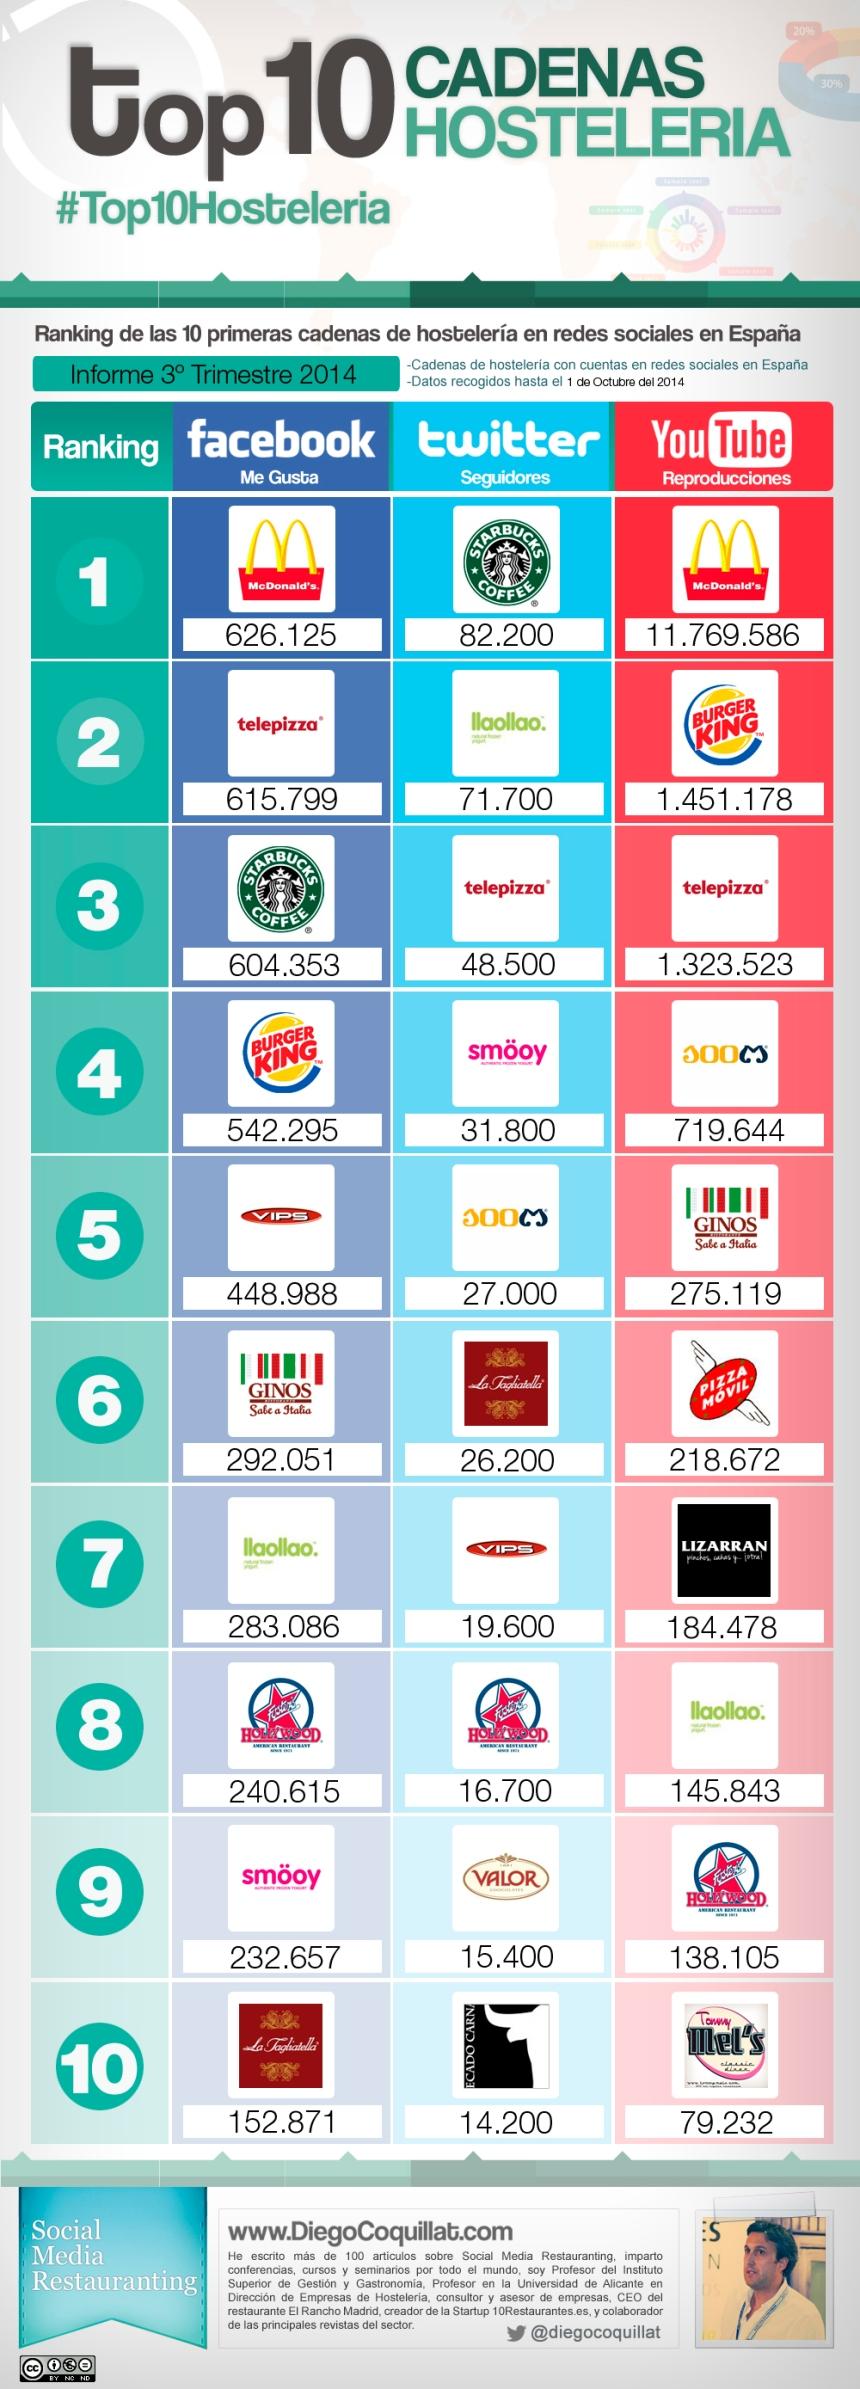 Top 10 cadenas hostelería en Redes Sociales (España 3T/2014)